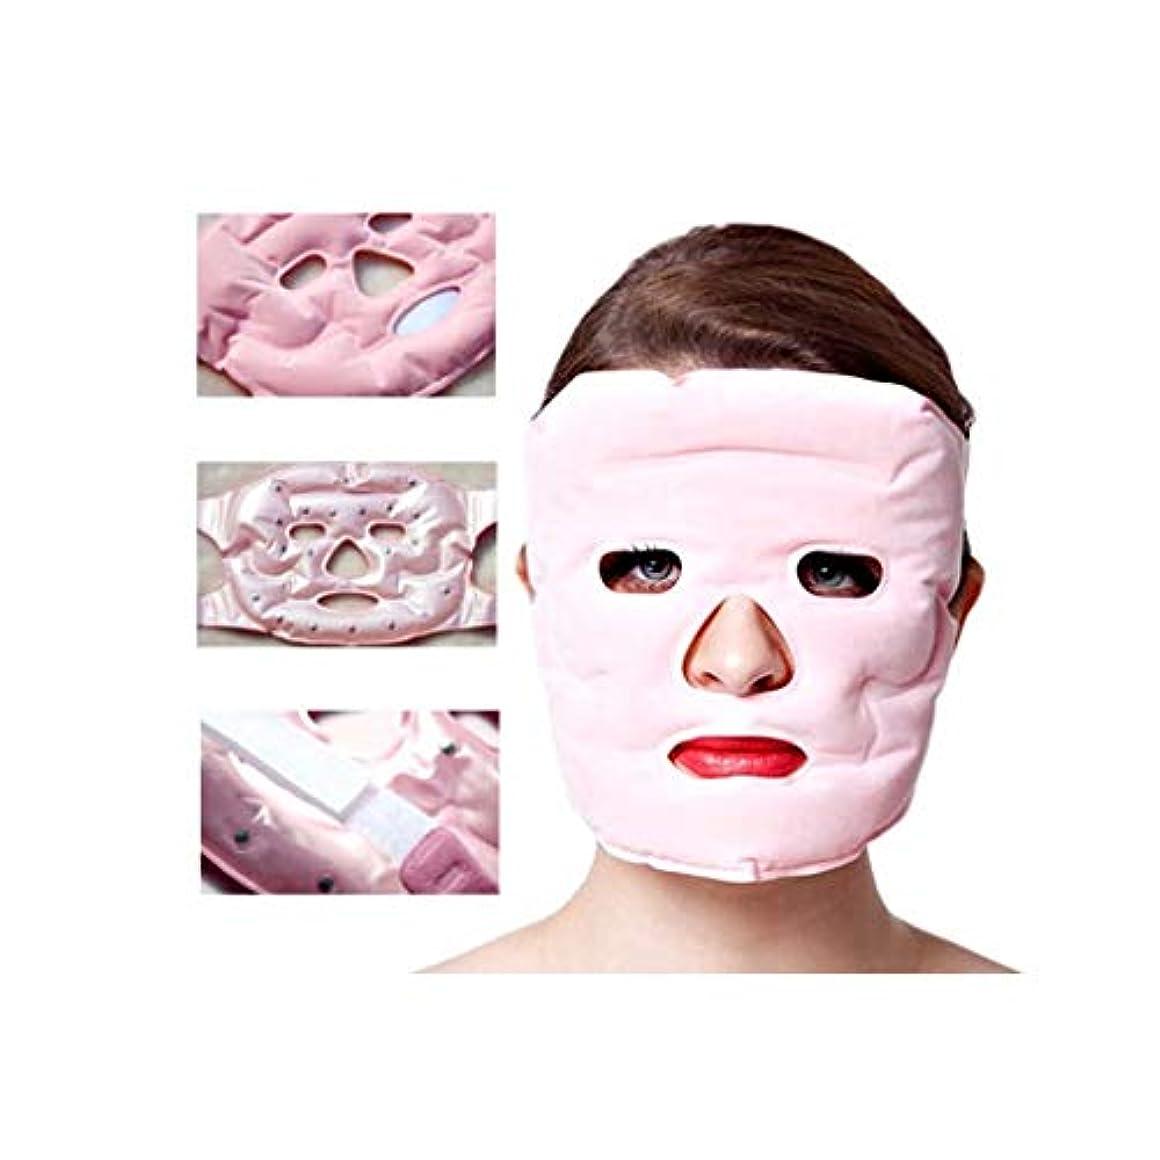 不正直狂人印をつけるフェイシャルスリミング、Vフェイスマスク、フェイスリフティングビューティーマスク、磁気療法リフティングフェイス、肌の状態を改善するための肌の頬の引き締め